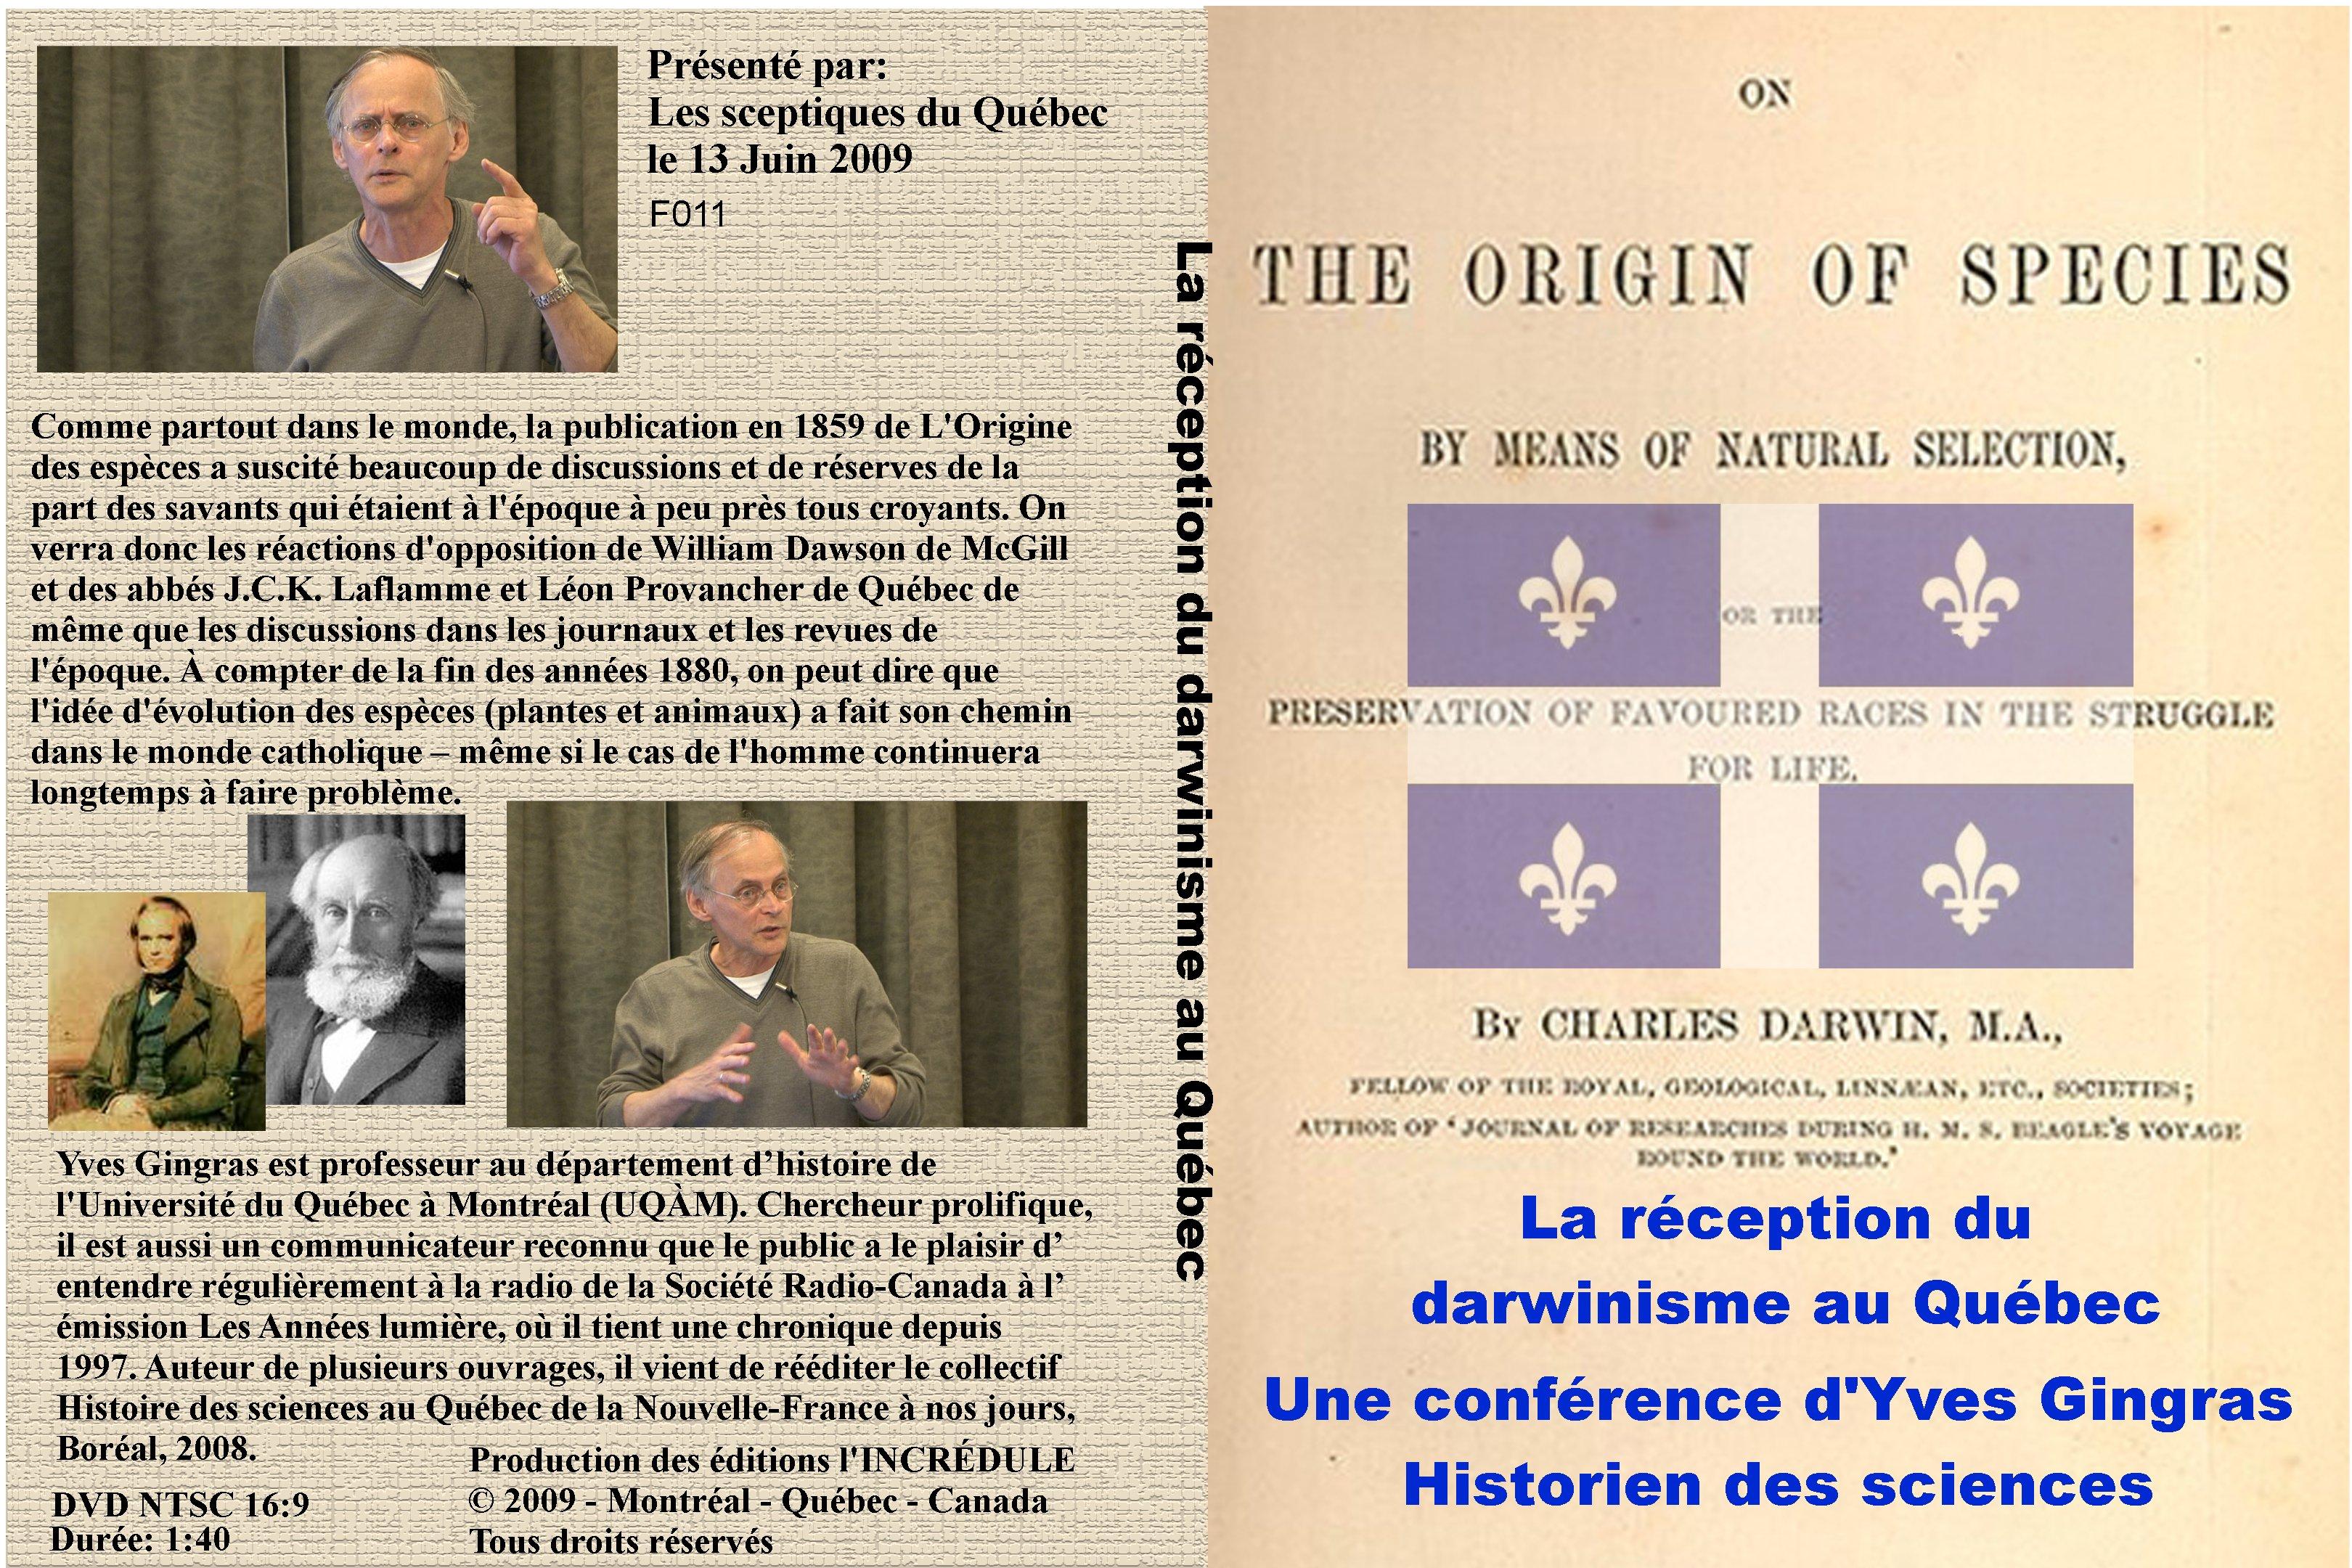 La réception du darwinisme au Québec